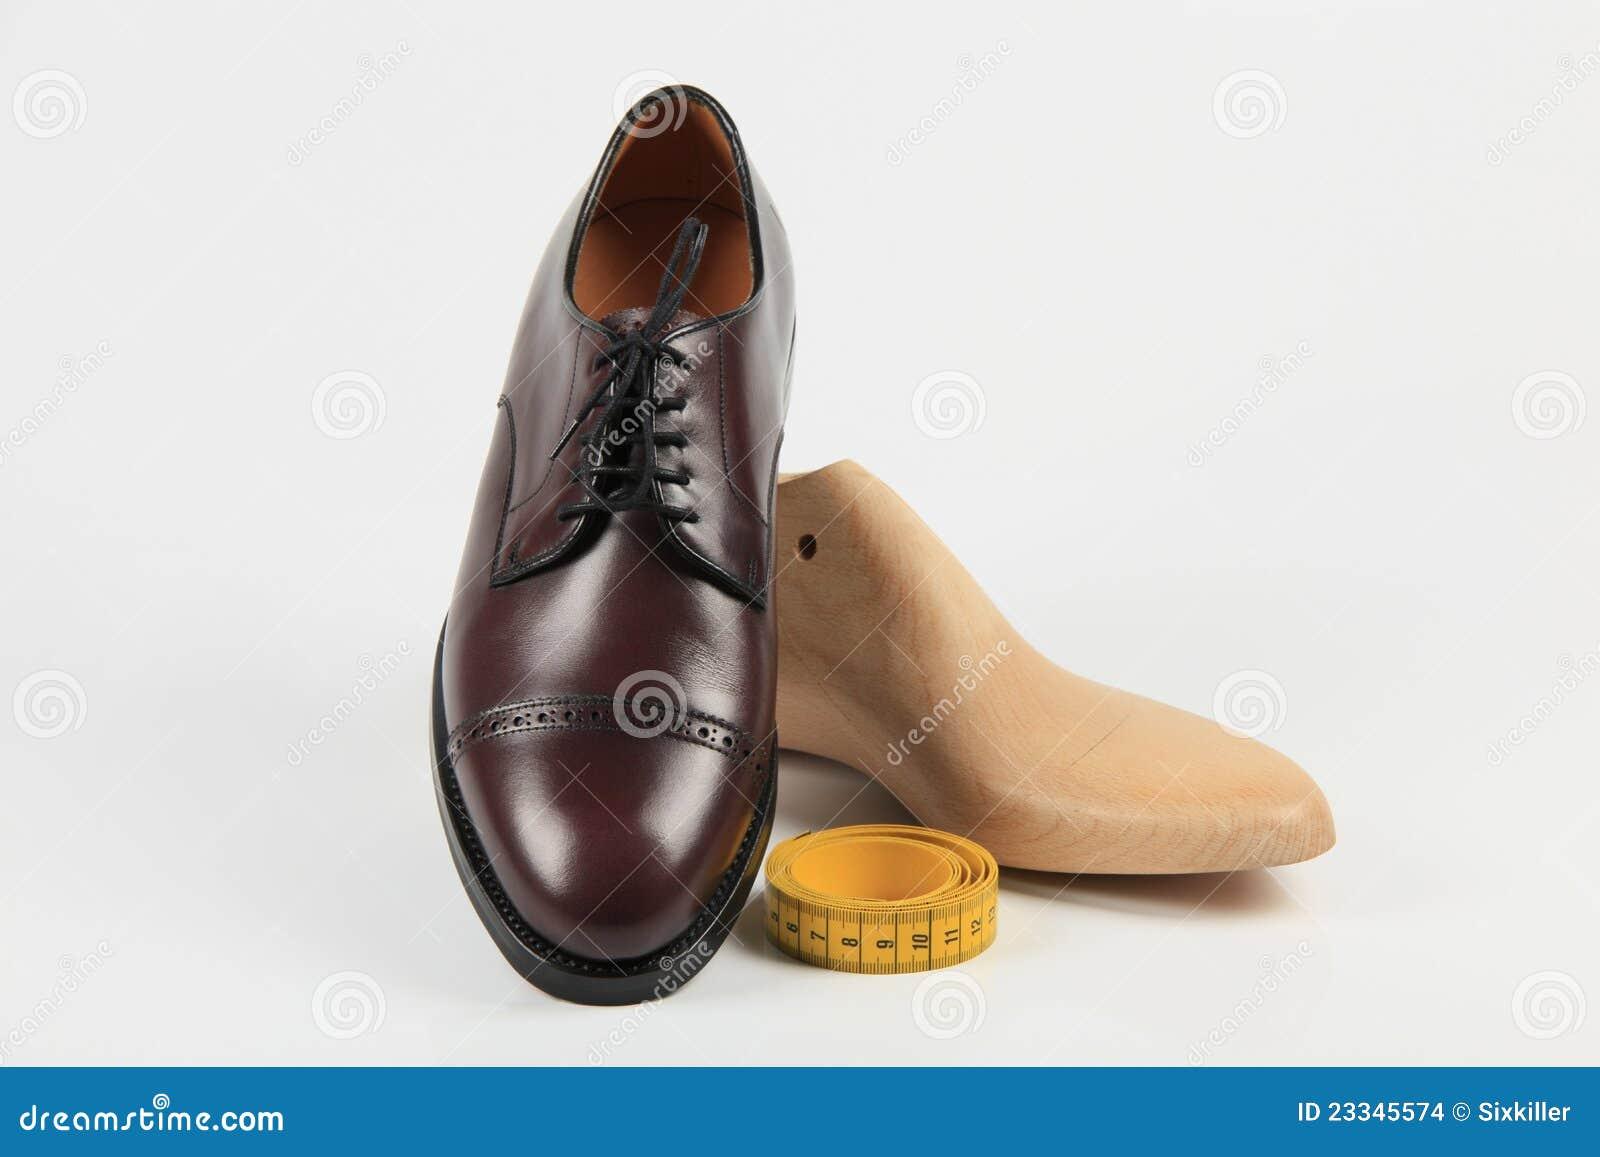 c47759b1bd0 επί παραγγελία παπούτσια στοκ εικόνες. εικόνα από διαρκέστε - 23345574